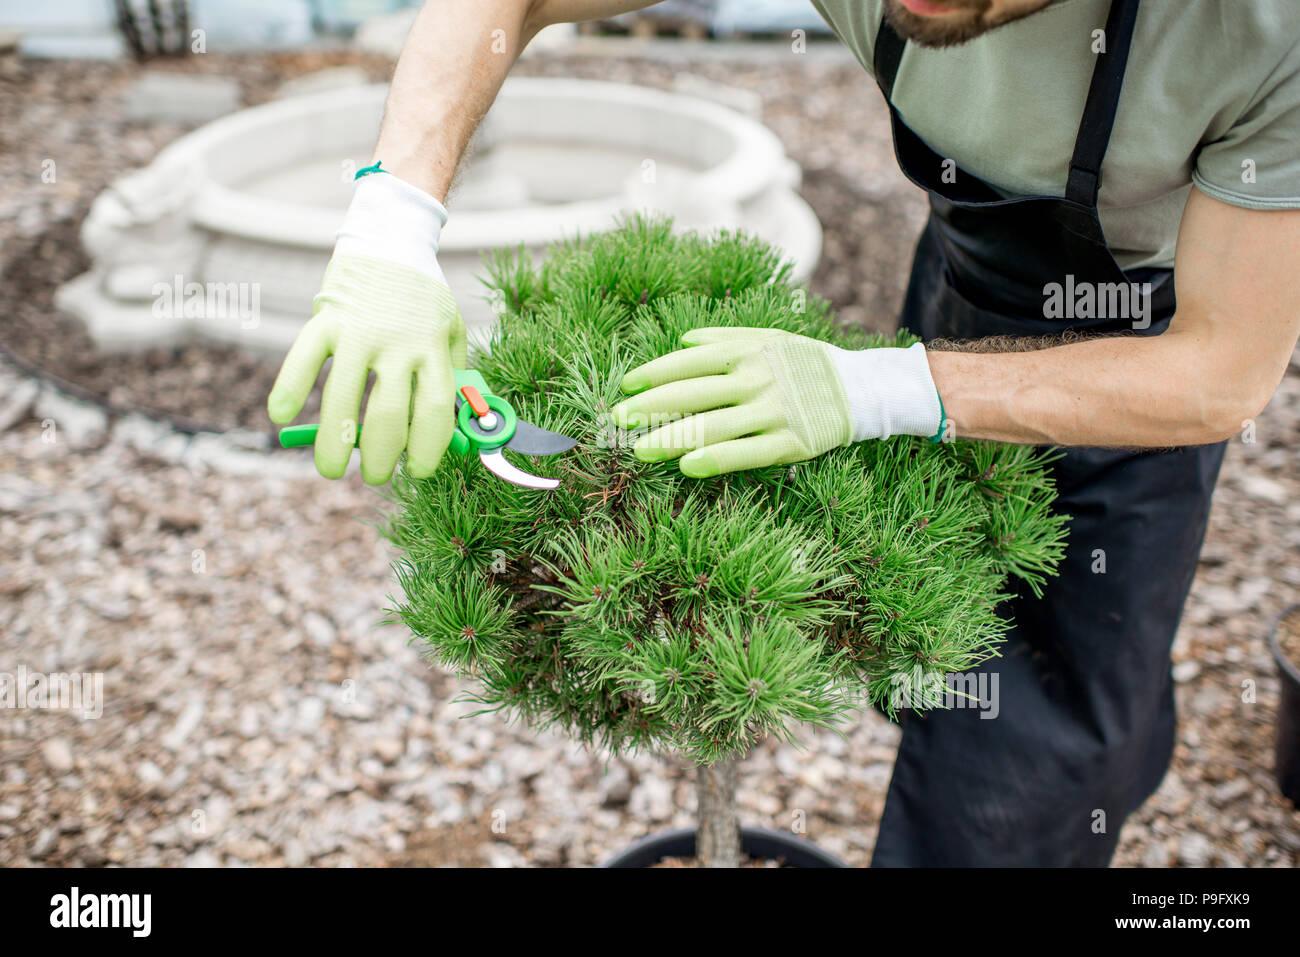 Gardener working in the garden - Stock Image